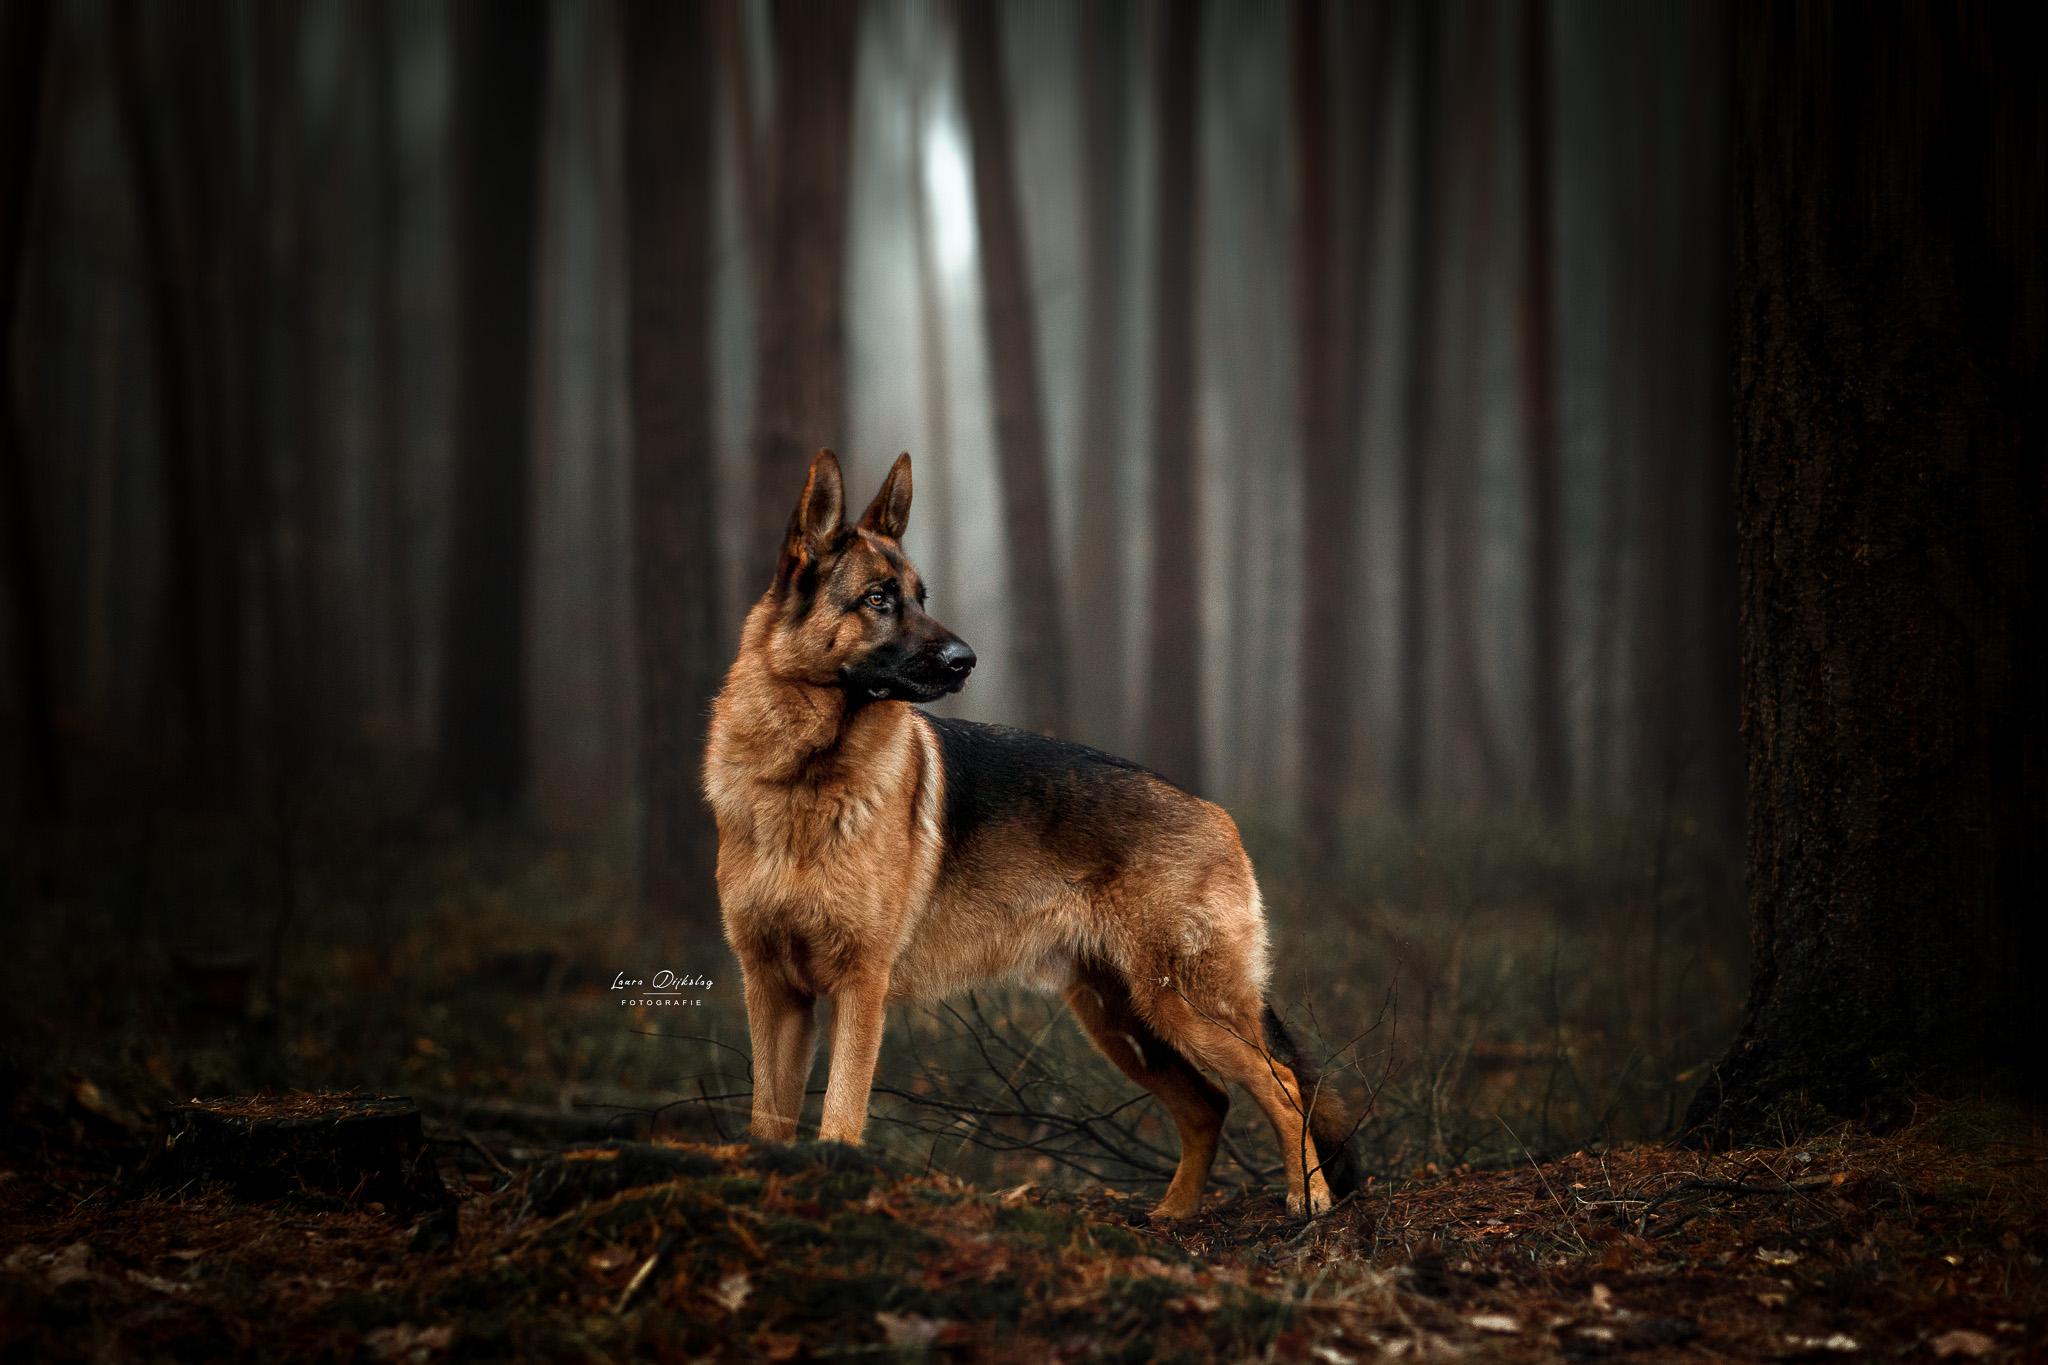 lauradijkslagfotografie duitse herder hondenfotograaf heerde